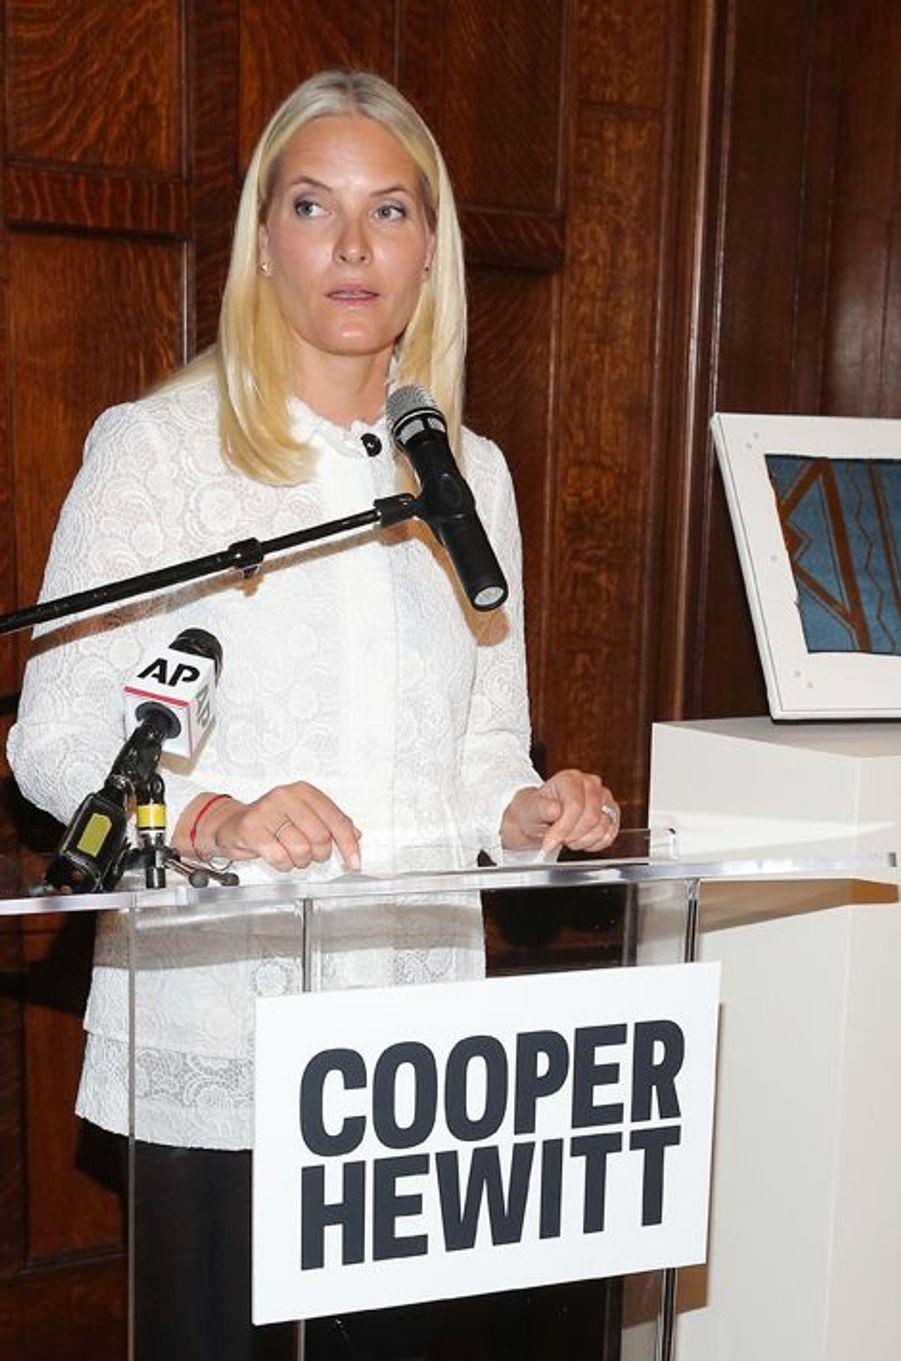 La princesse Mette-Marit de Norvège au musée de design Cooper Hewitt à New York, le 8 octobre 2015